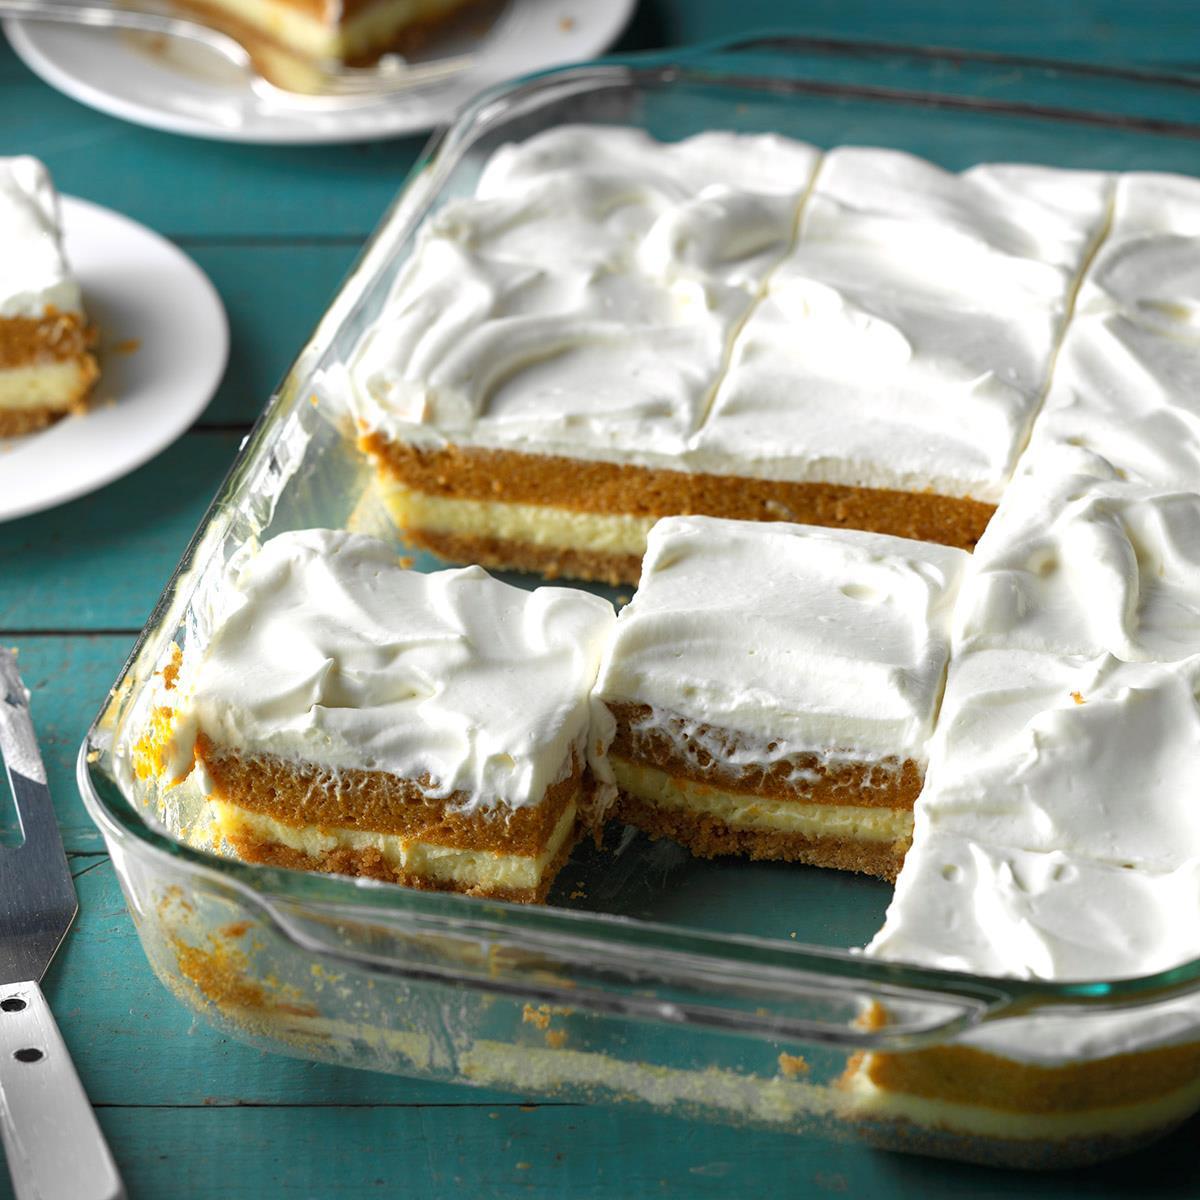 Taste Of Homes Desserts  Layered Pumpkin Dessert Recipe